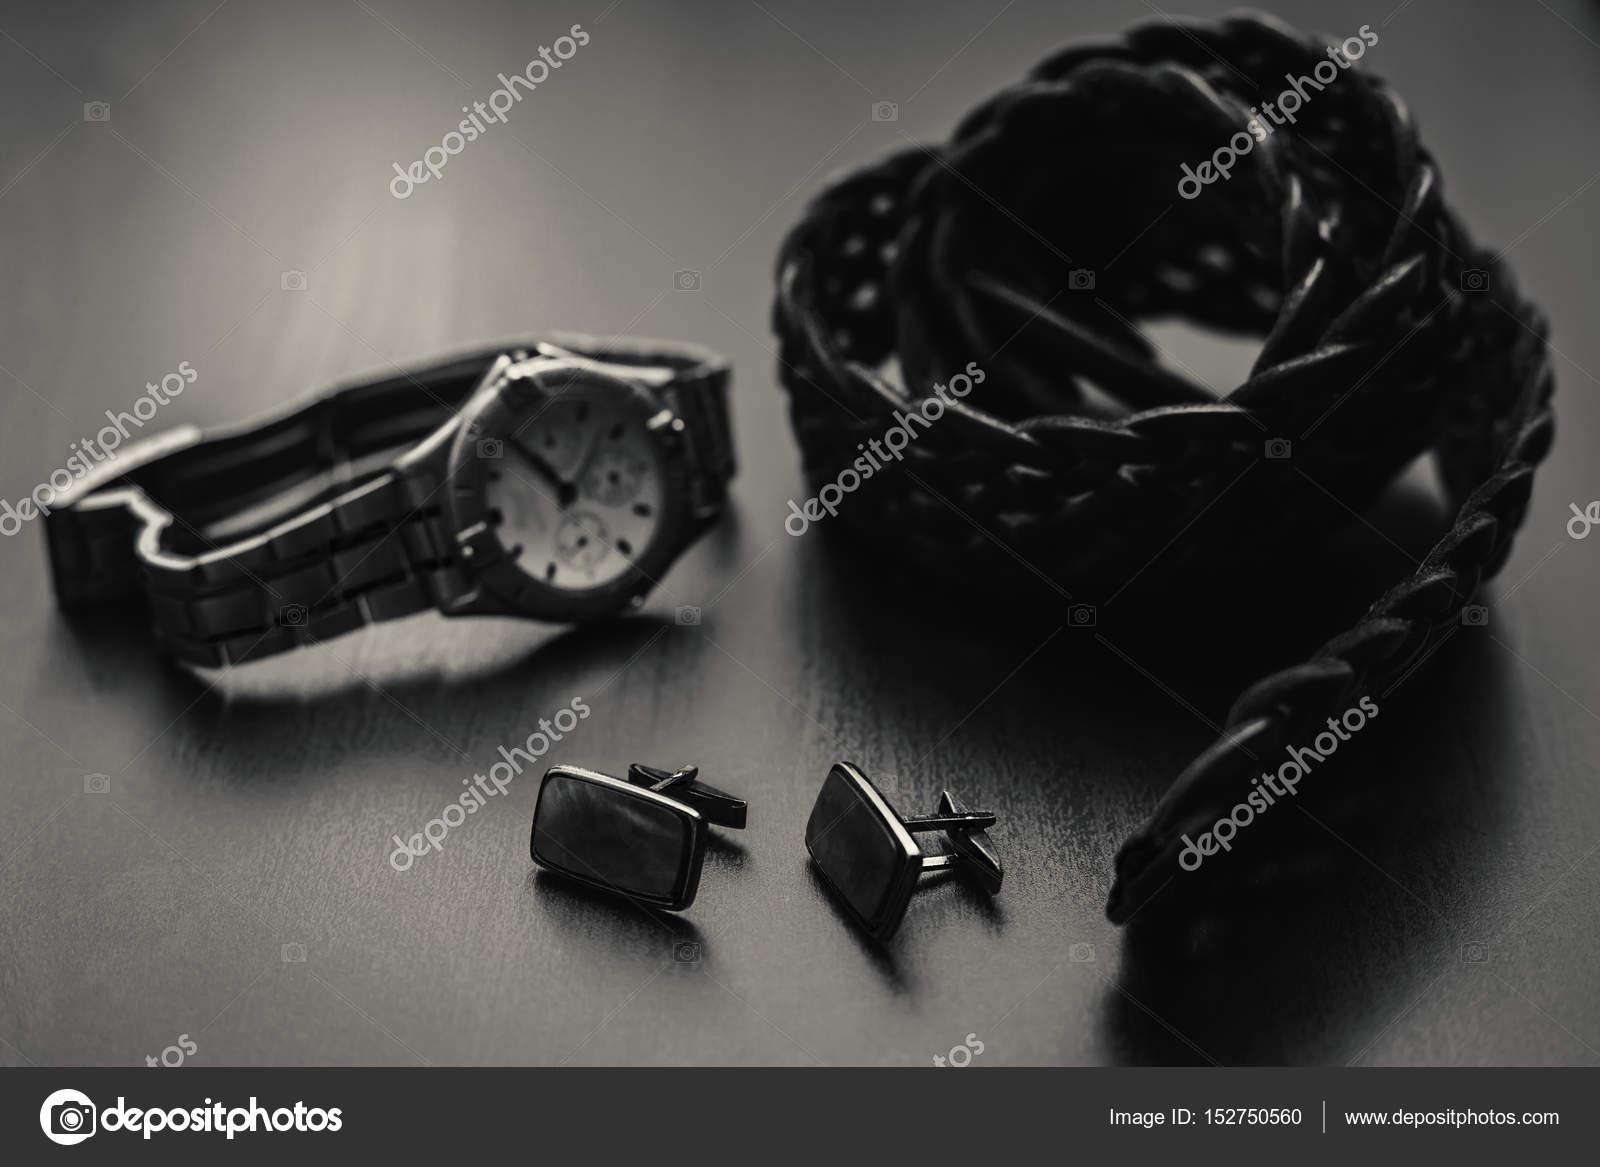 11c5fa300cc Mans αξεσουάρ. Παπούτσια με ρολόι και άρωμα — Φωτογραφία Αρχείου ...